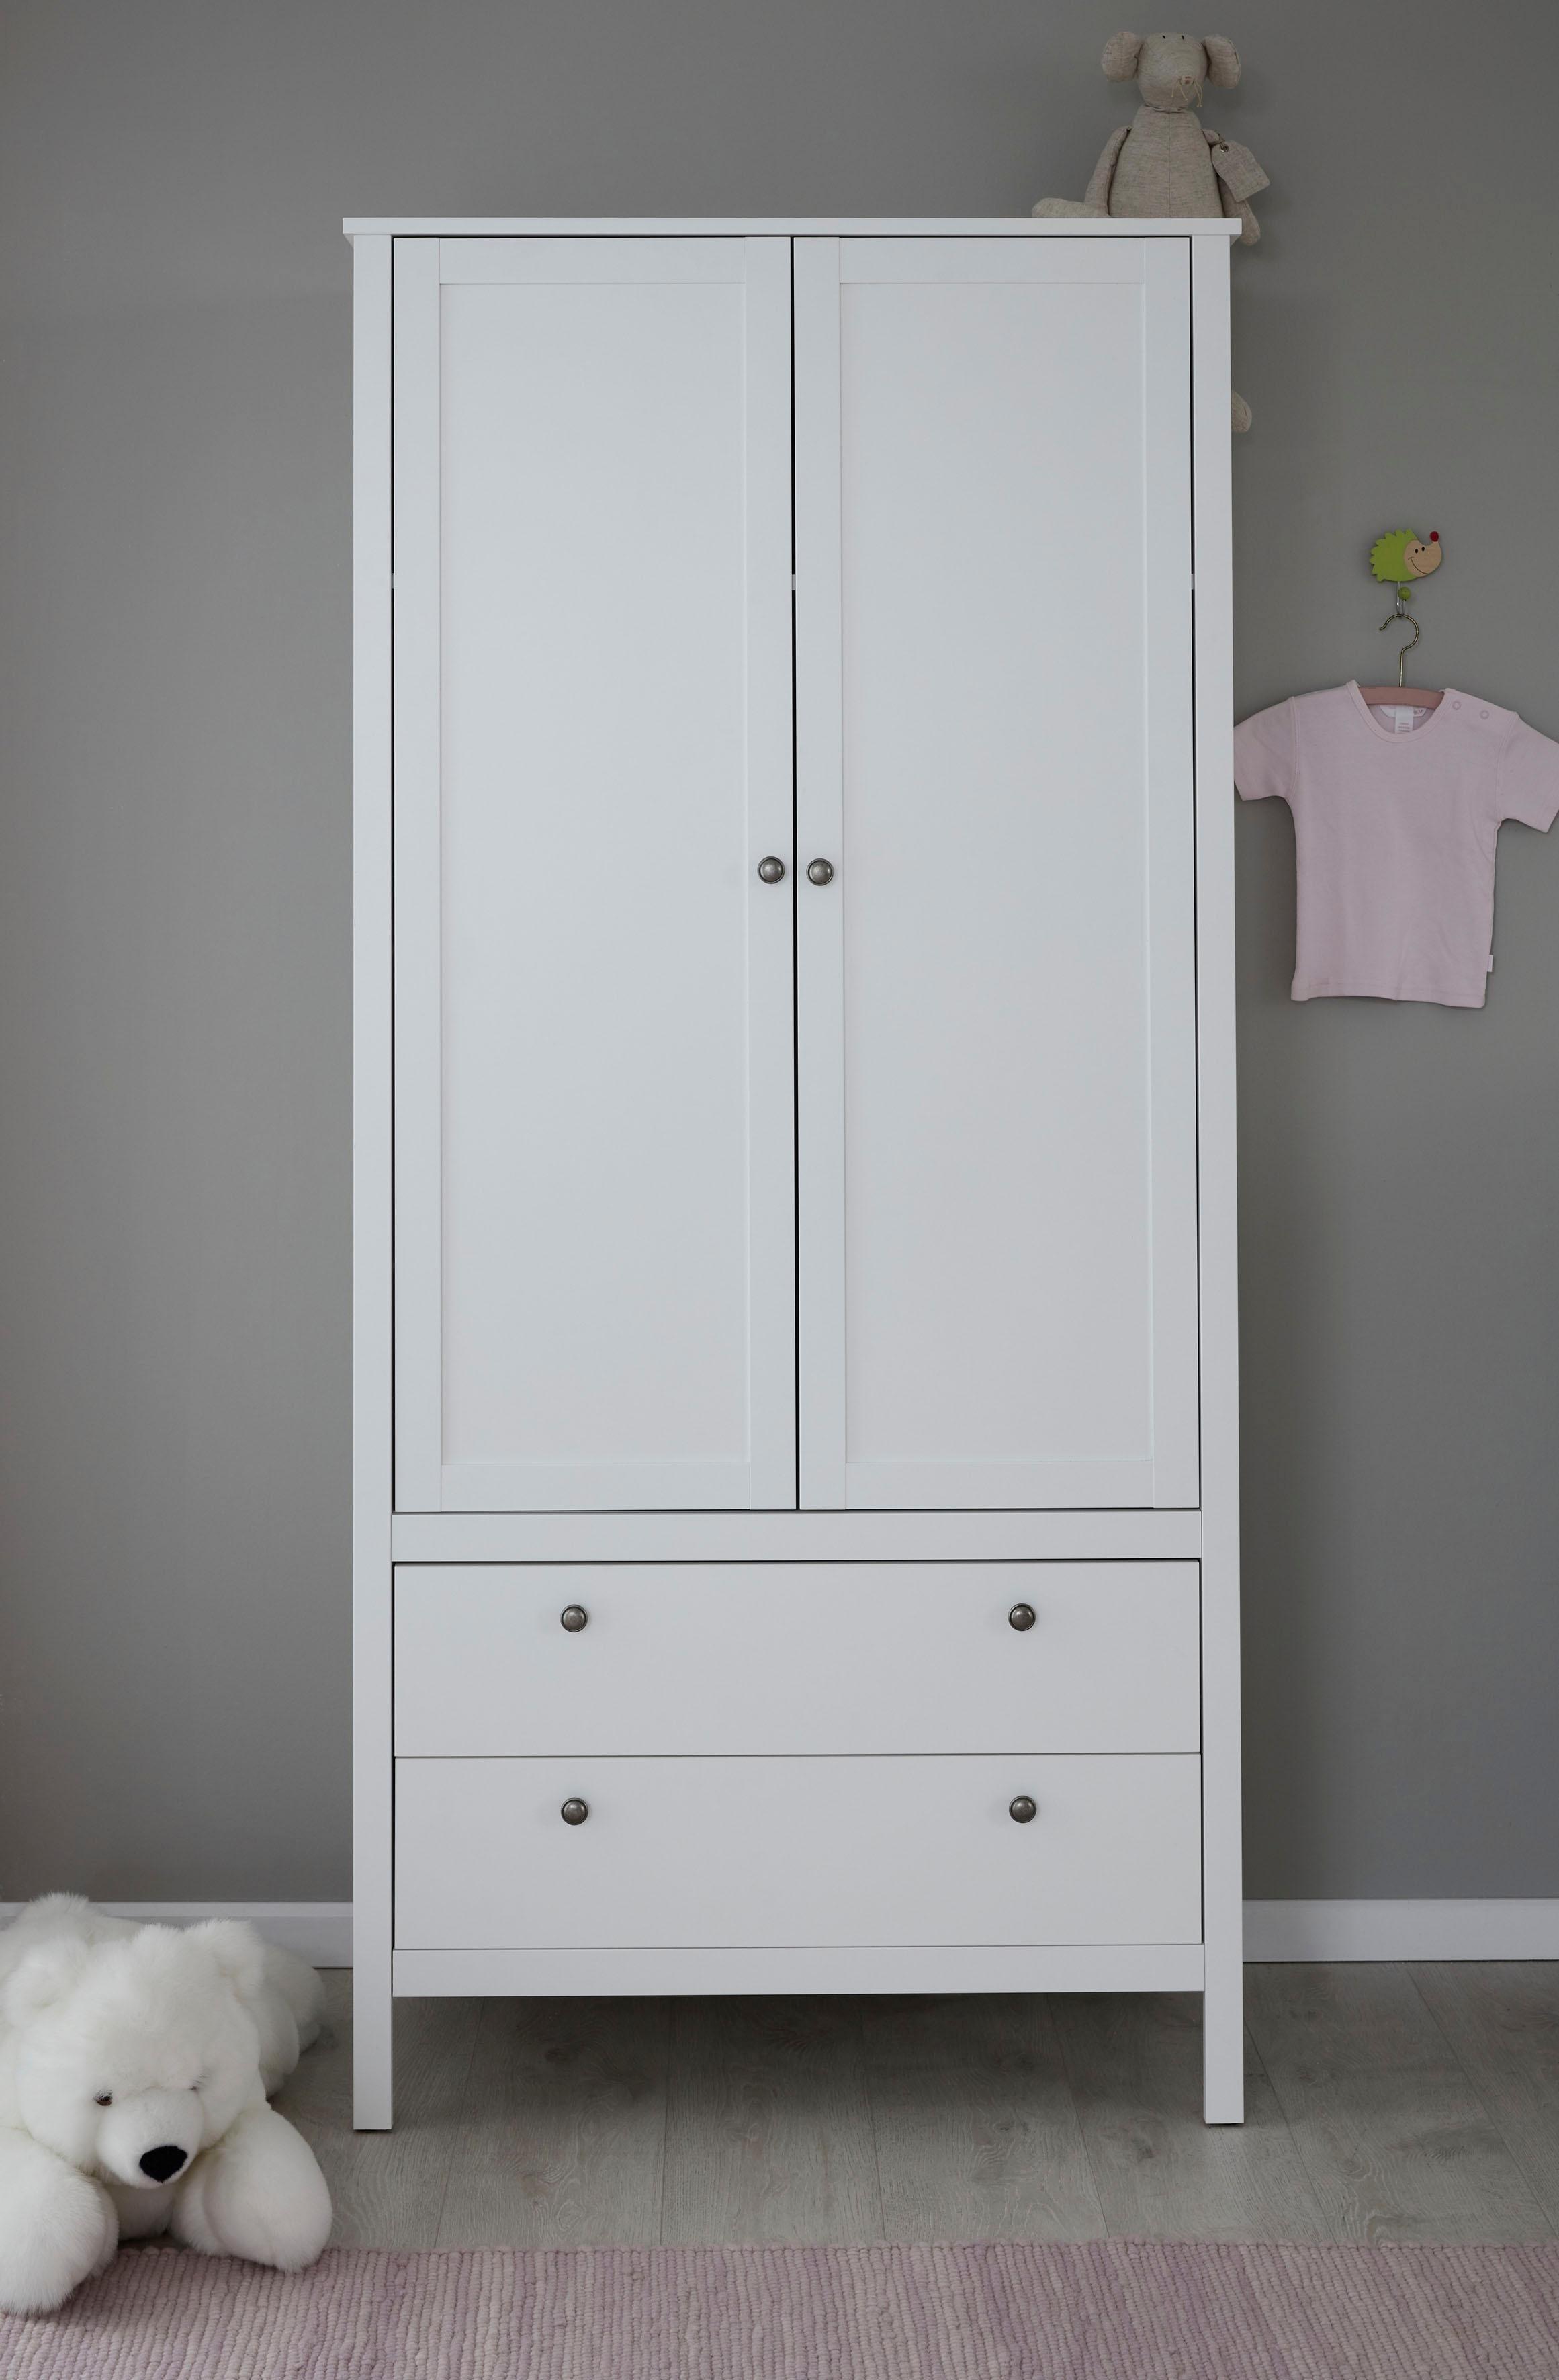 Kinderzimmerschränke online kaufen   Möbel-Suchmaschine   ladendirekt.de